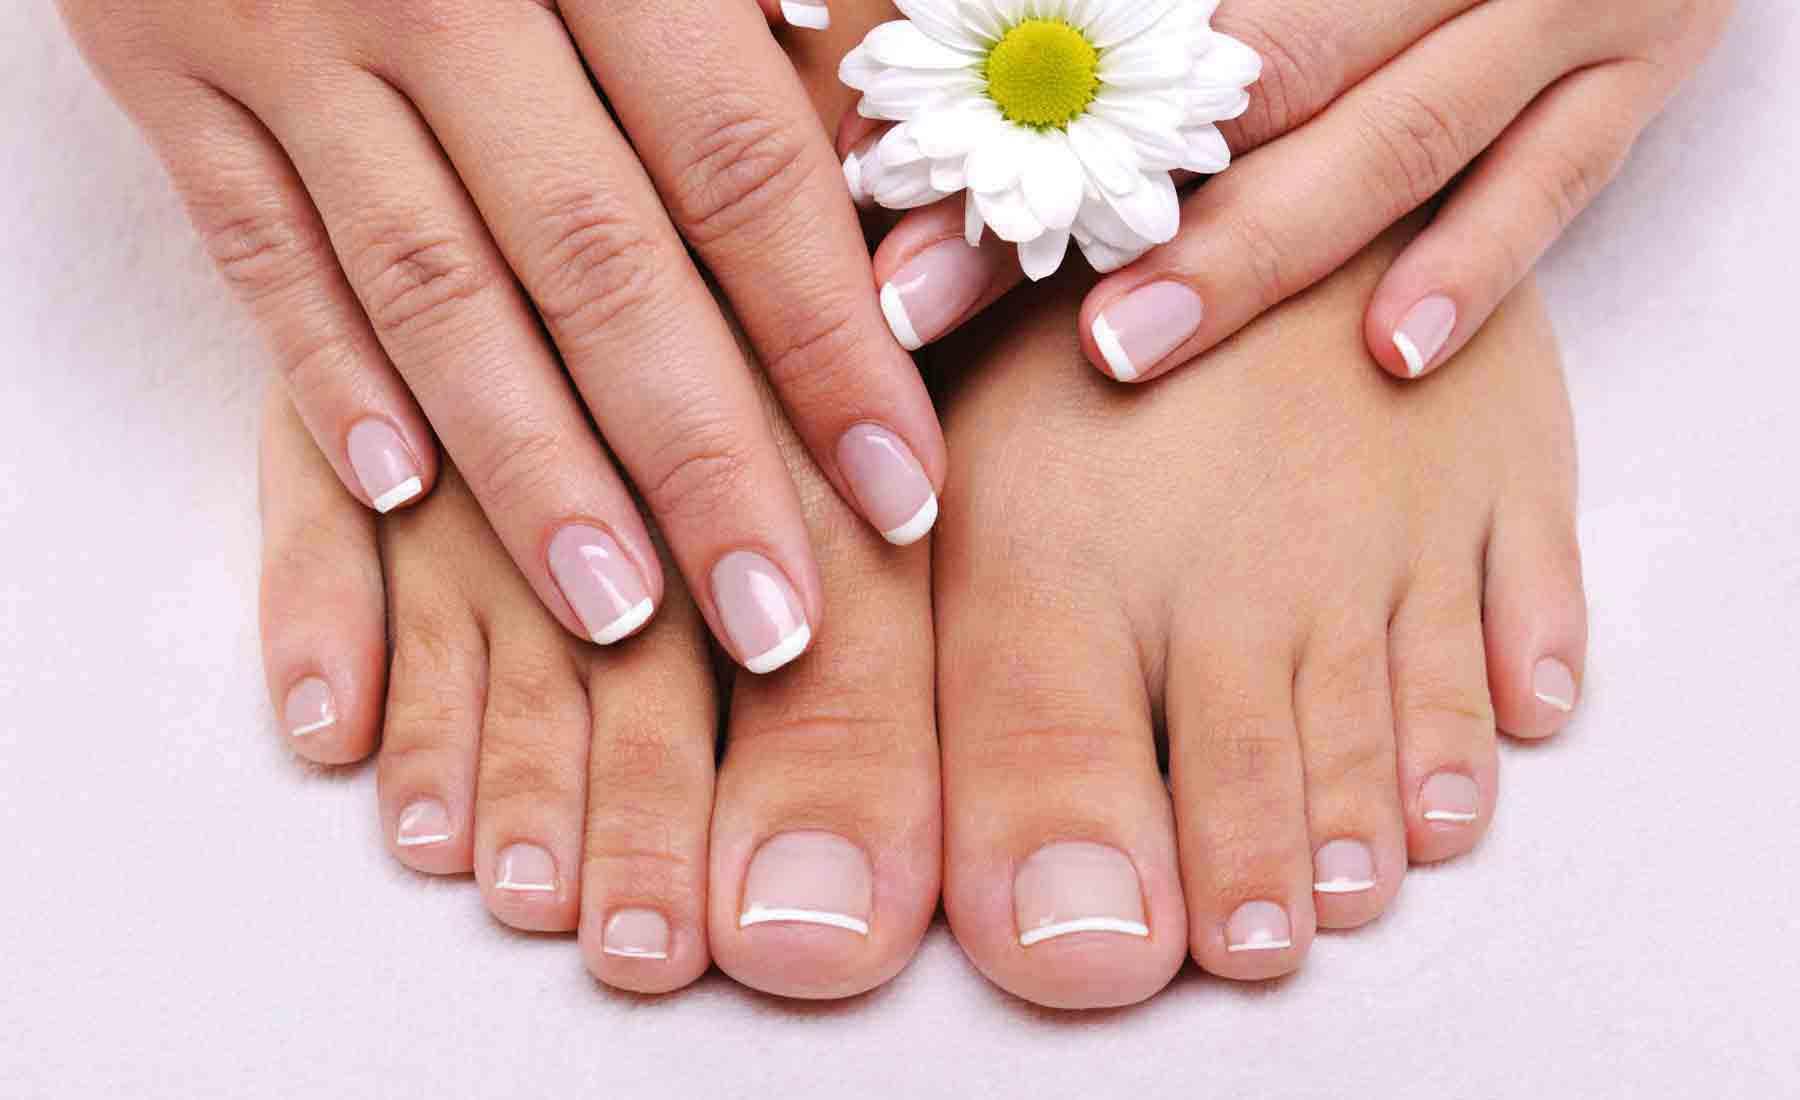 Диагностика заболеваний по внешнему виду ногтей